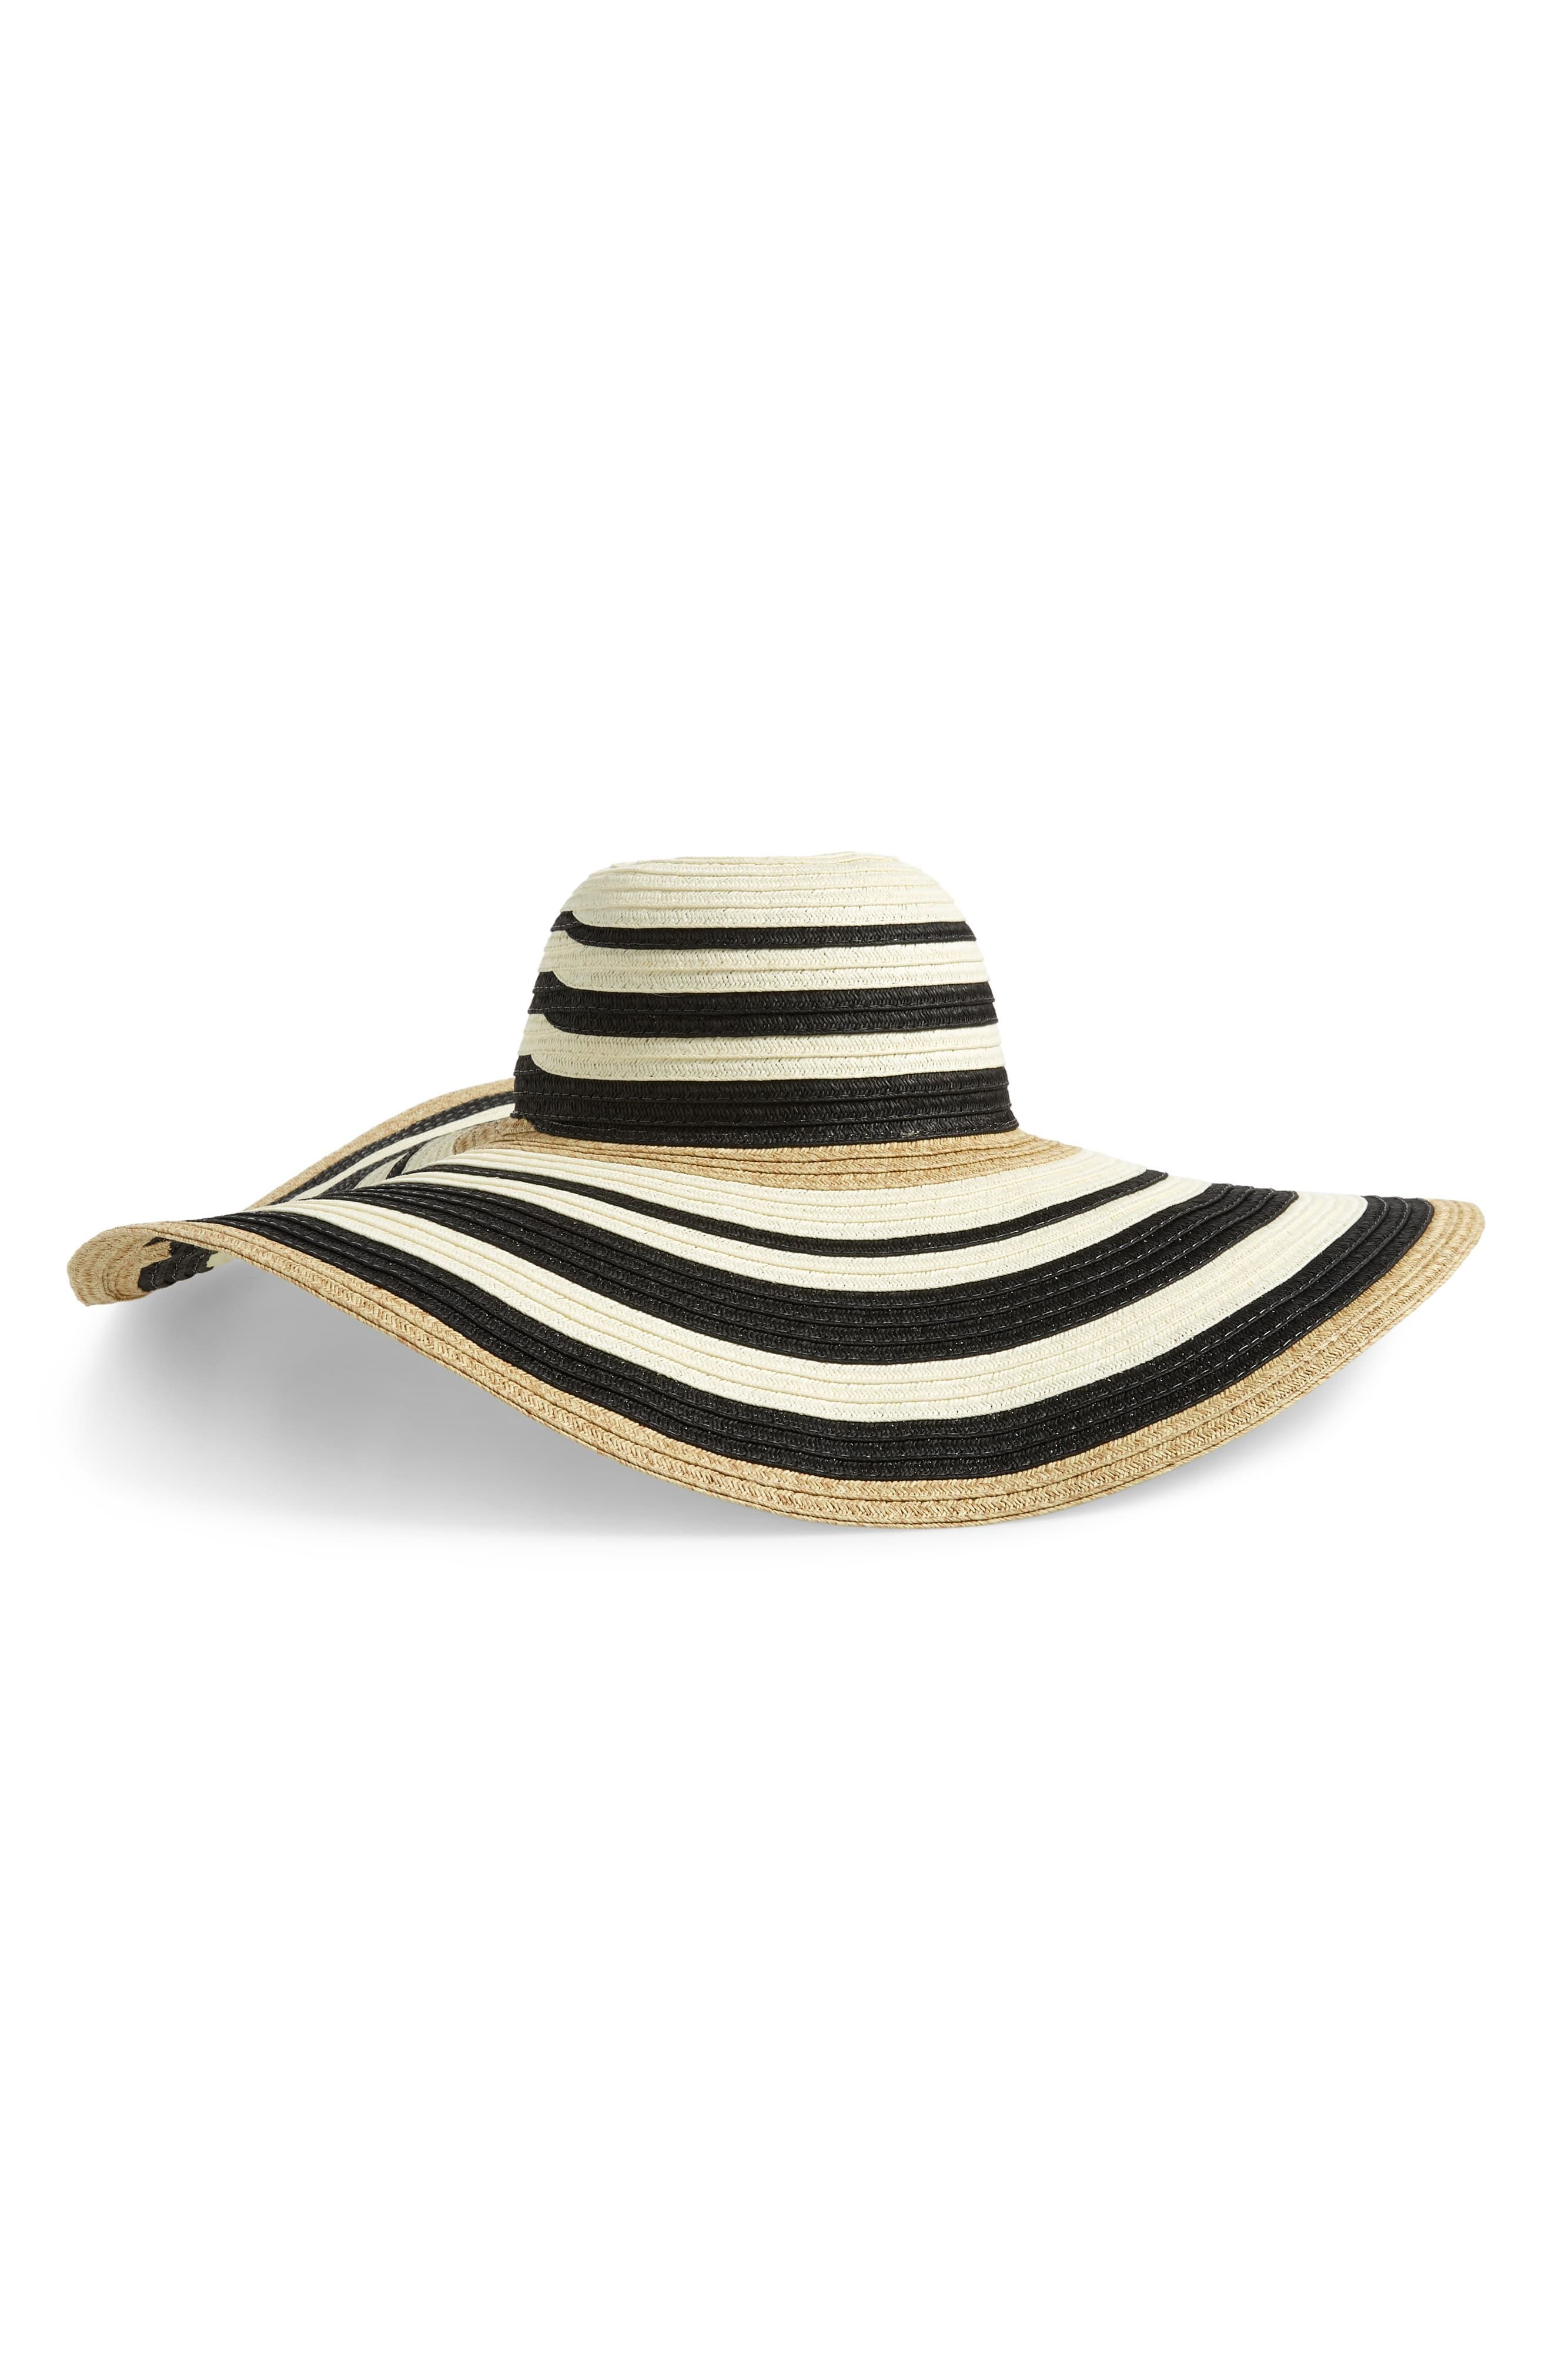 a9b8903d98 Women's Nordstrom Modern Stripe Floppy Hat - Black in 2019 ...